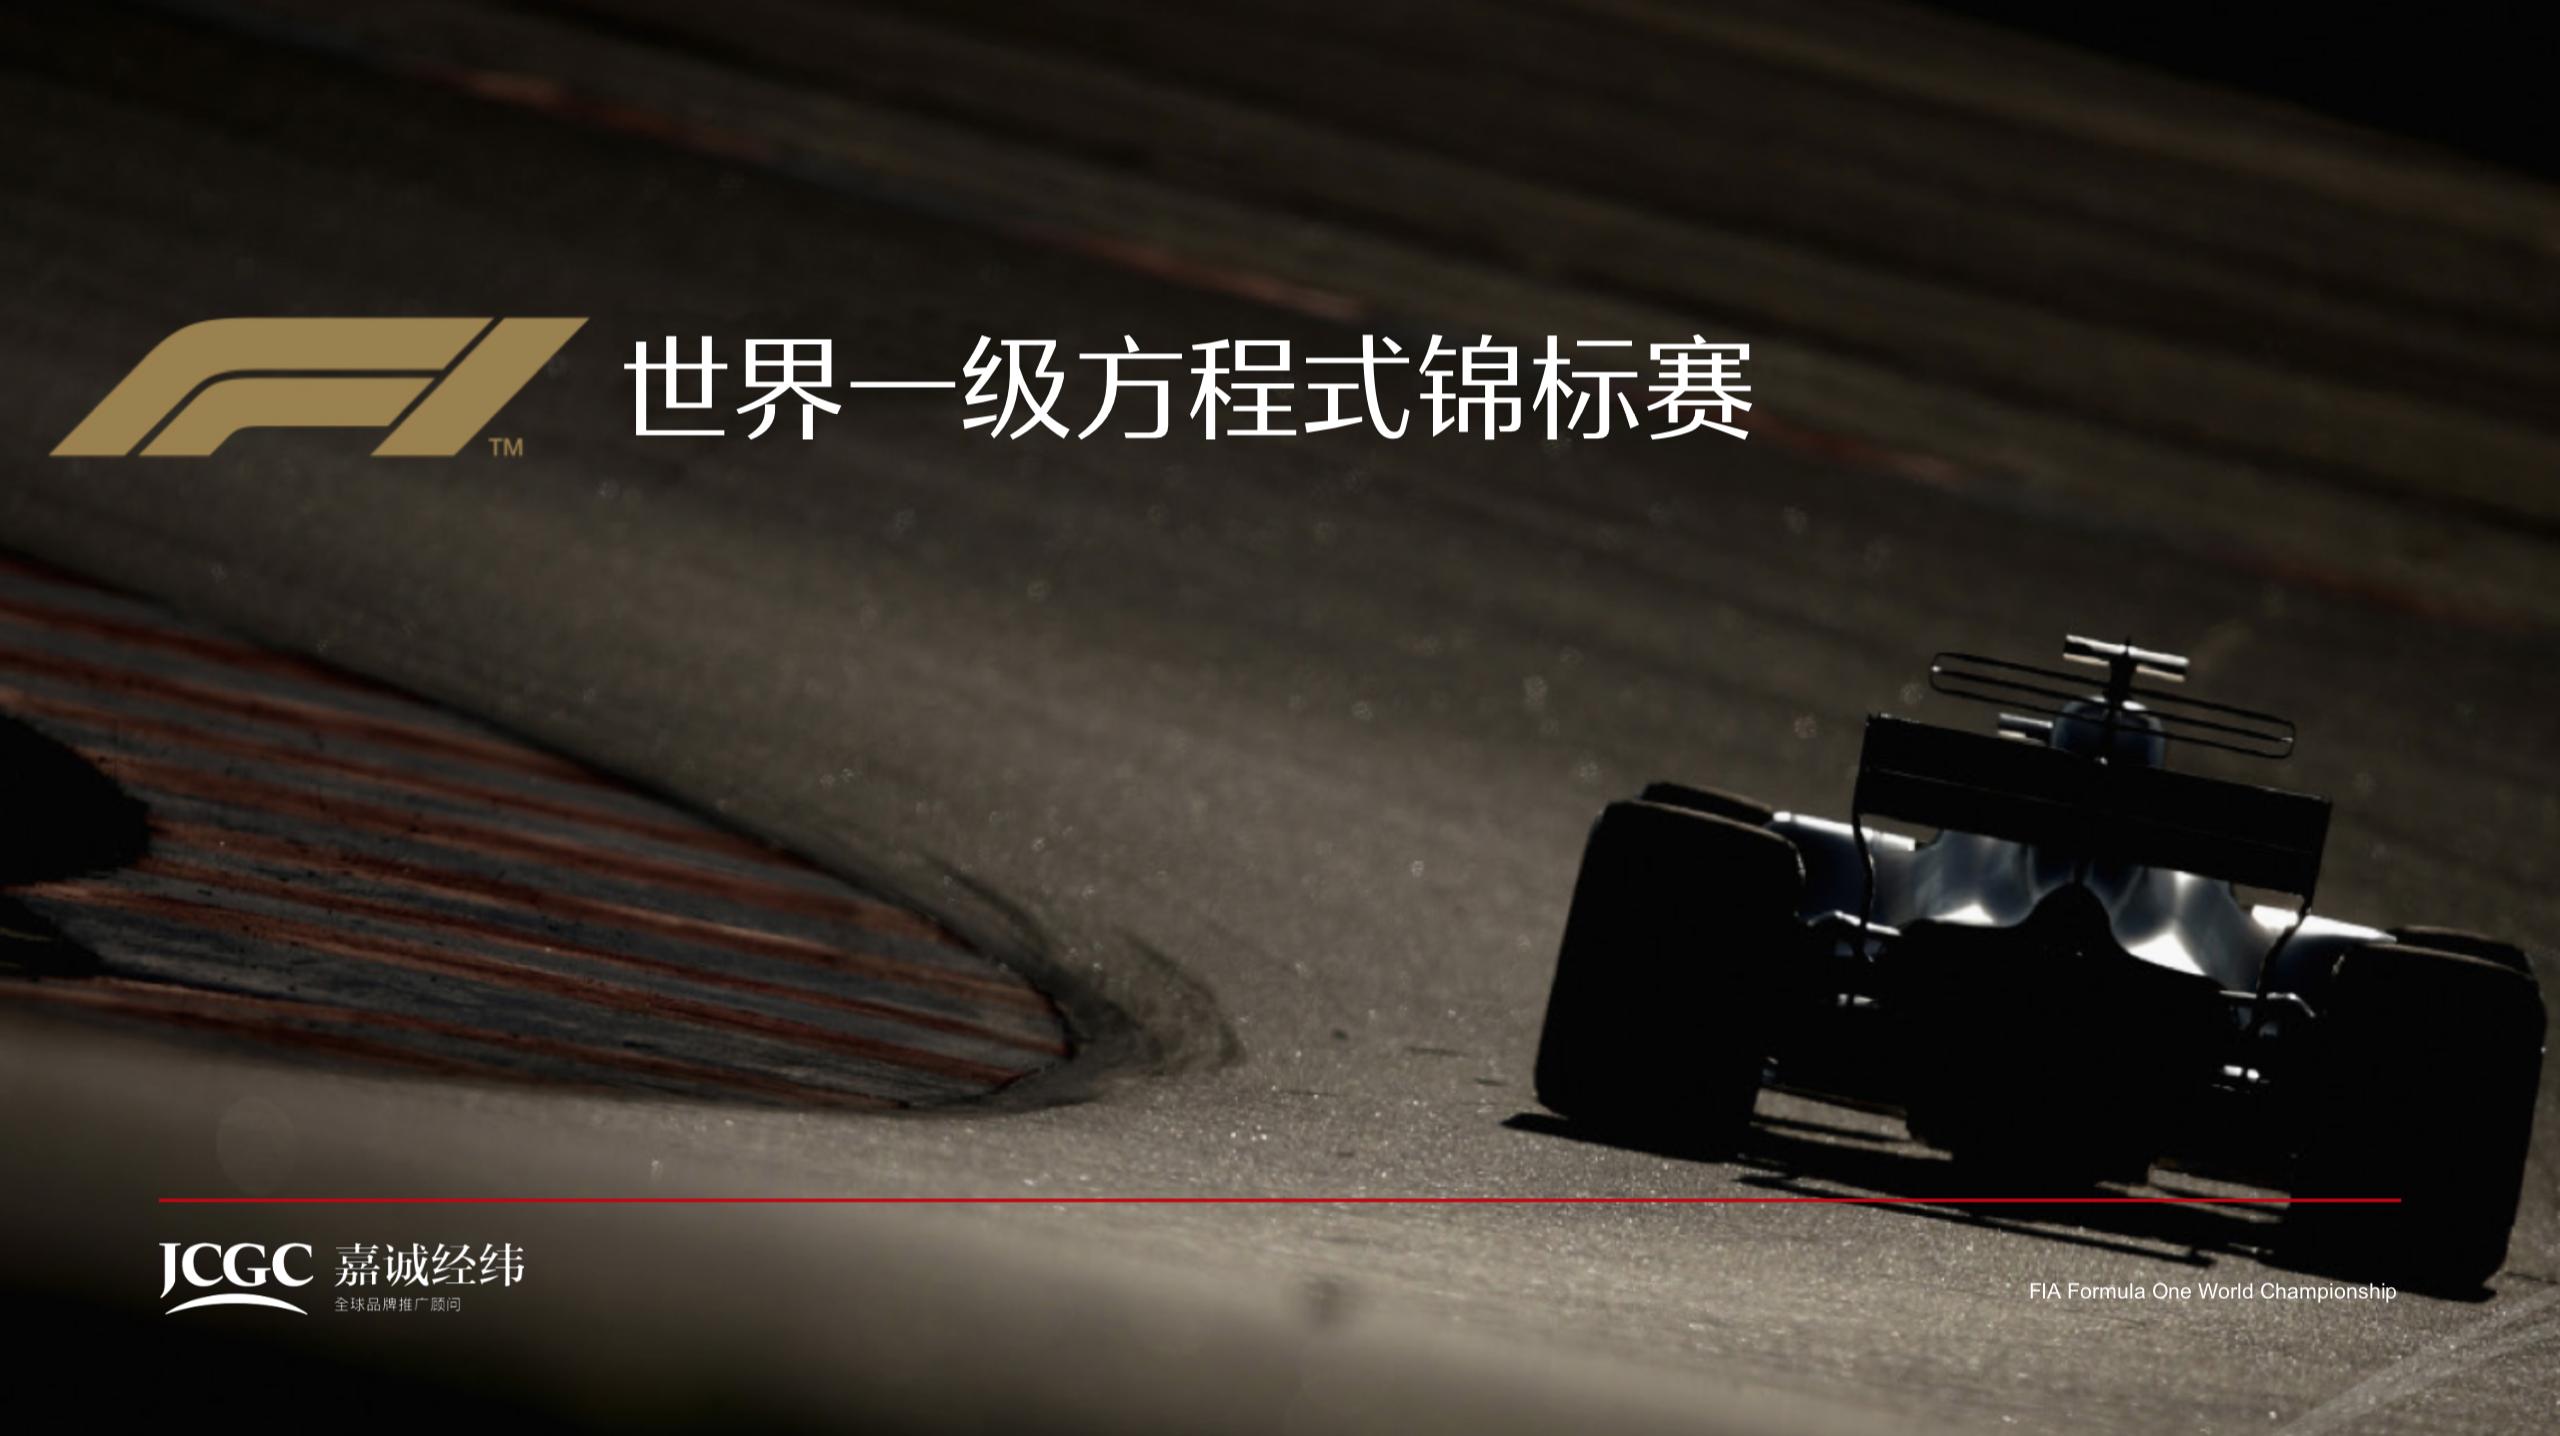 嘉诚经纬与F1签订三年合约 助力中国品牌走向世界